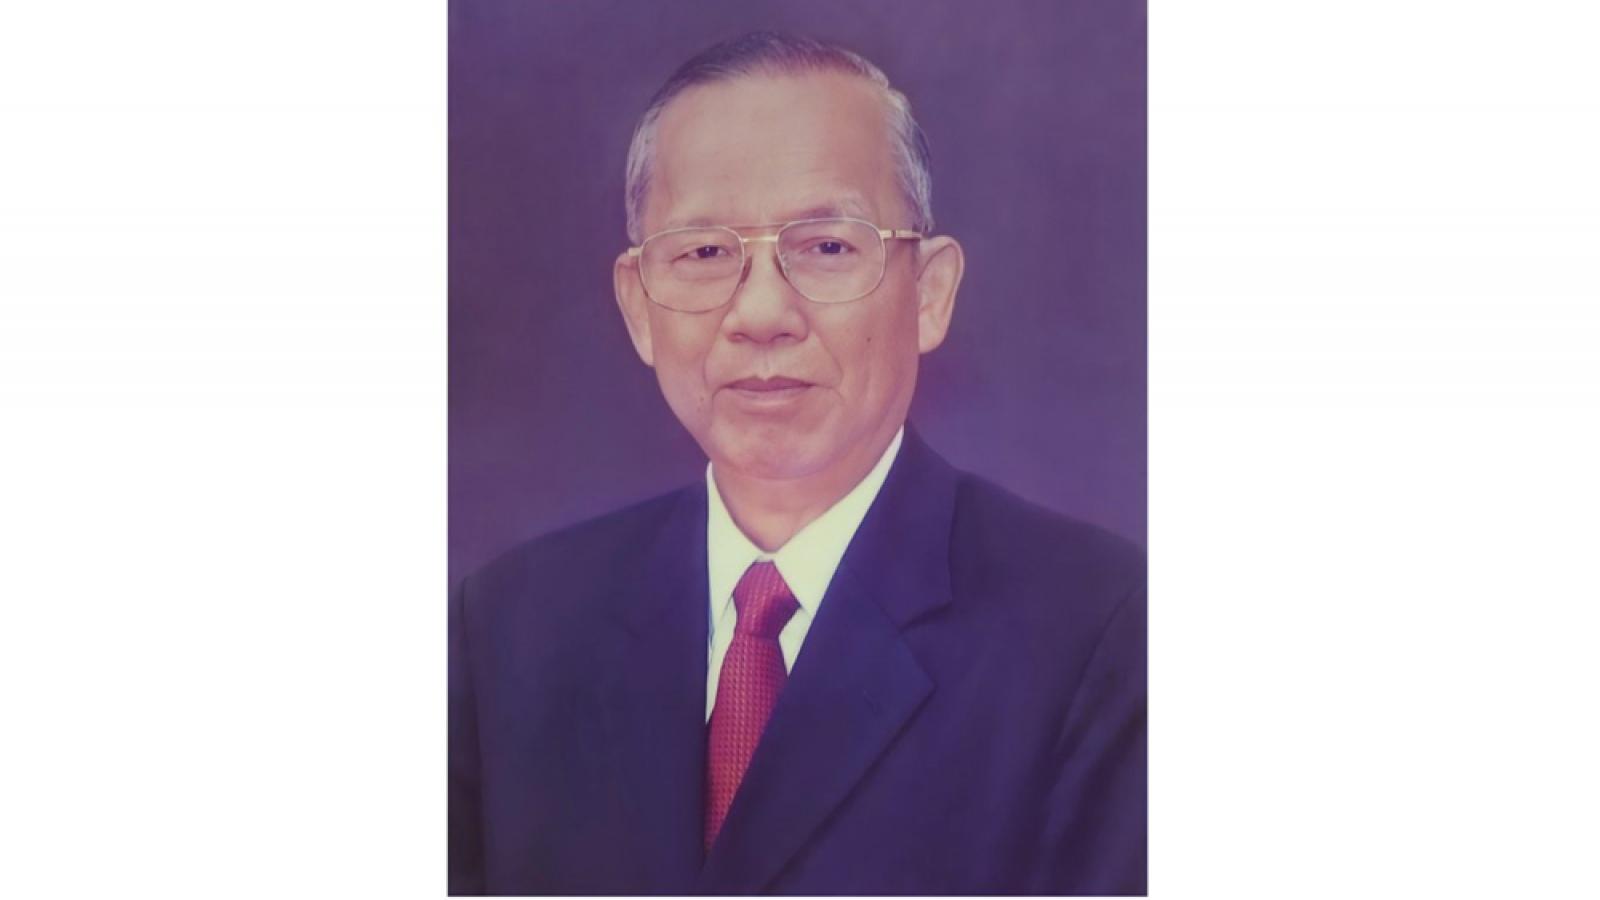 Tin buồn: Nguyên Phó Thủ tướng Trương Vĩnh Trọng từ trần